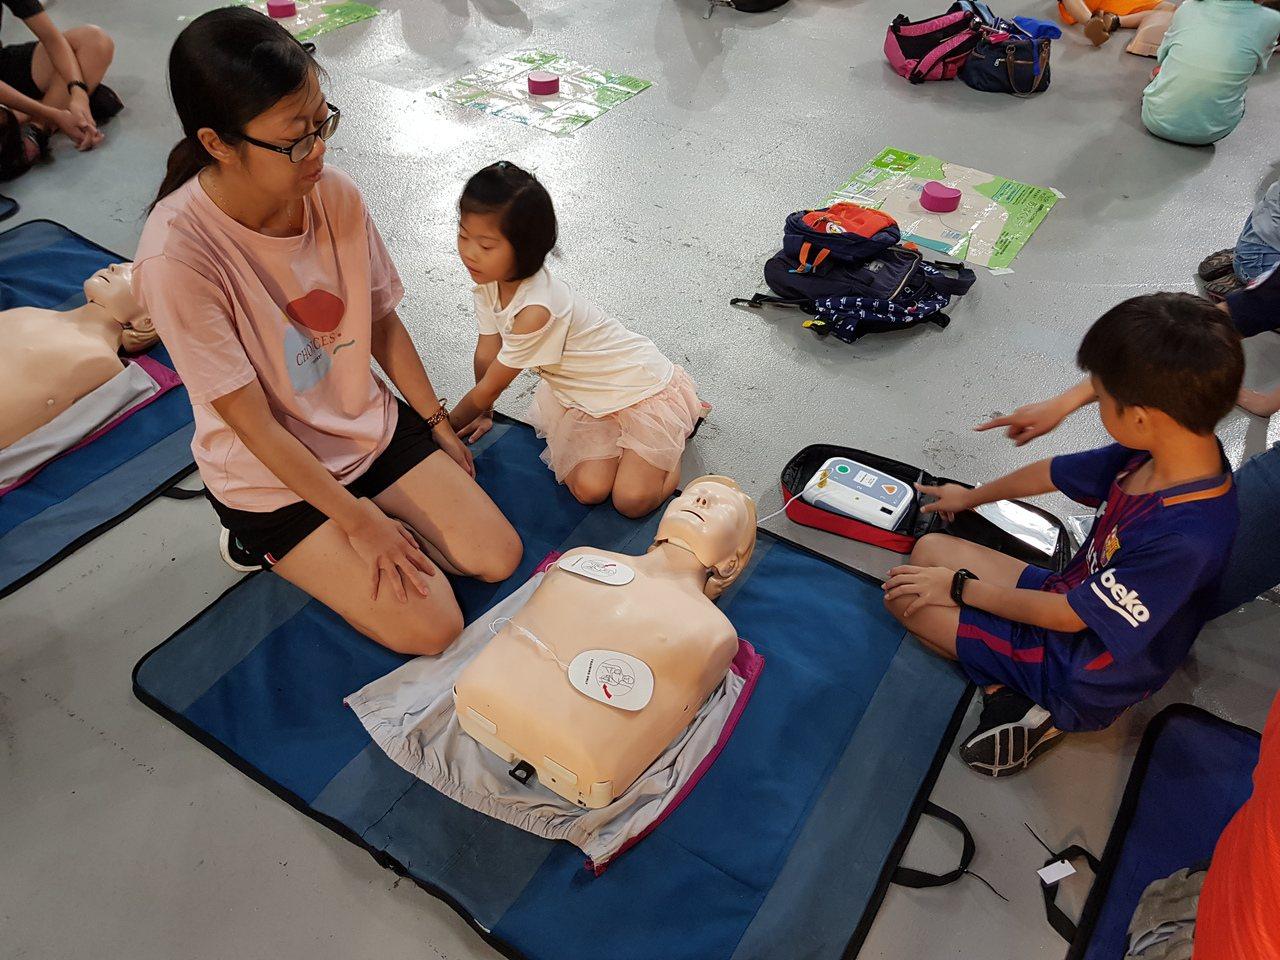 衛福部規定學校、旅宿場所、觀光旅遊地區等公共場所應設置「自動體外心臟電擊去顫器(...